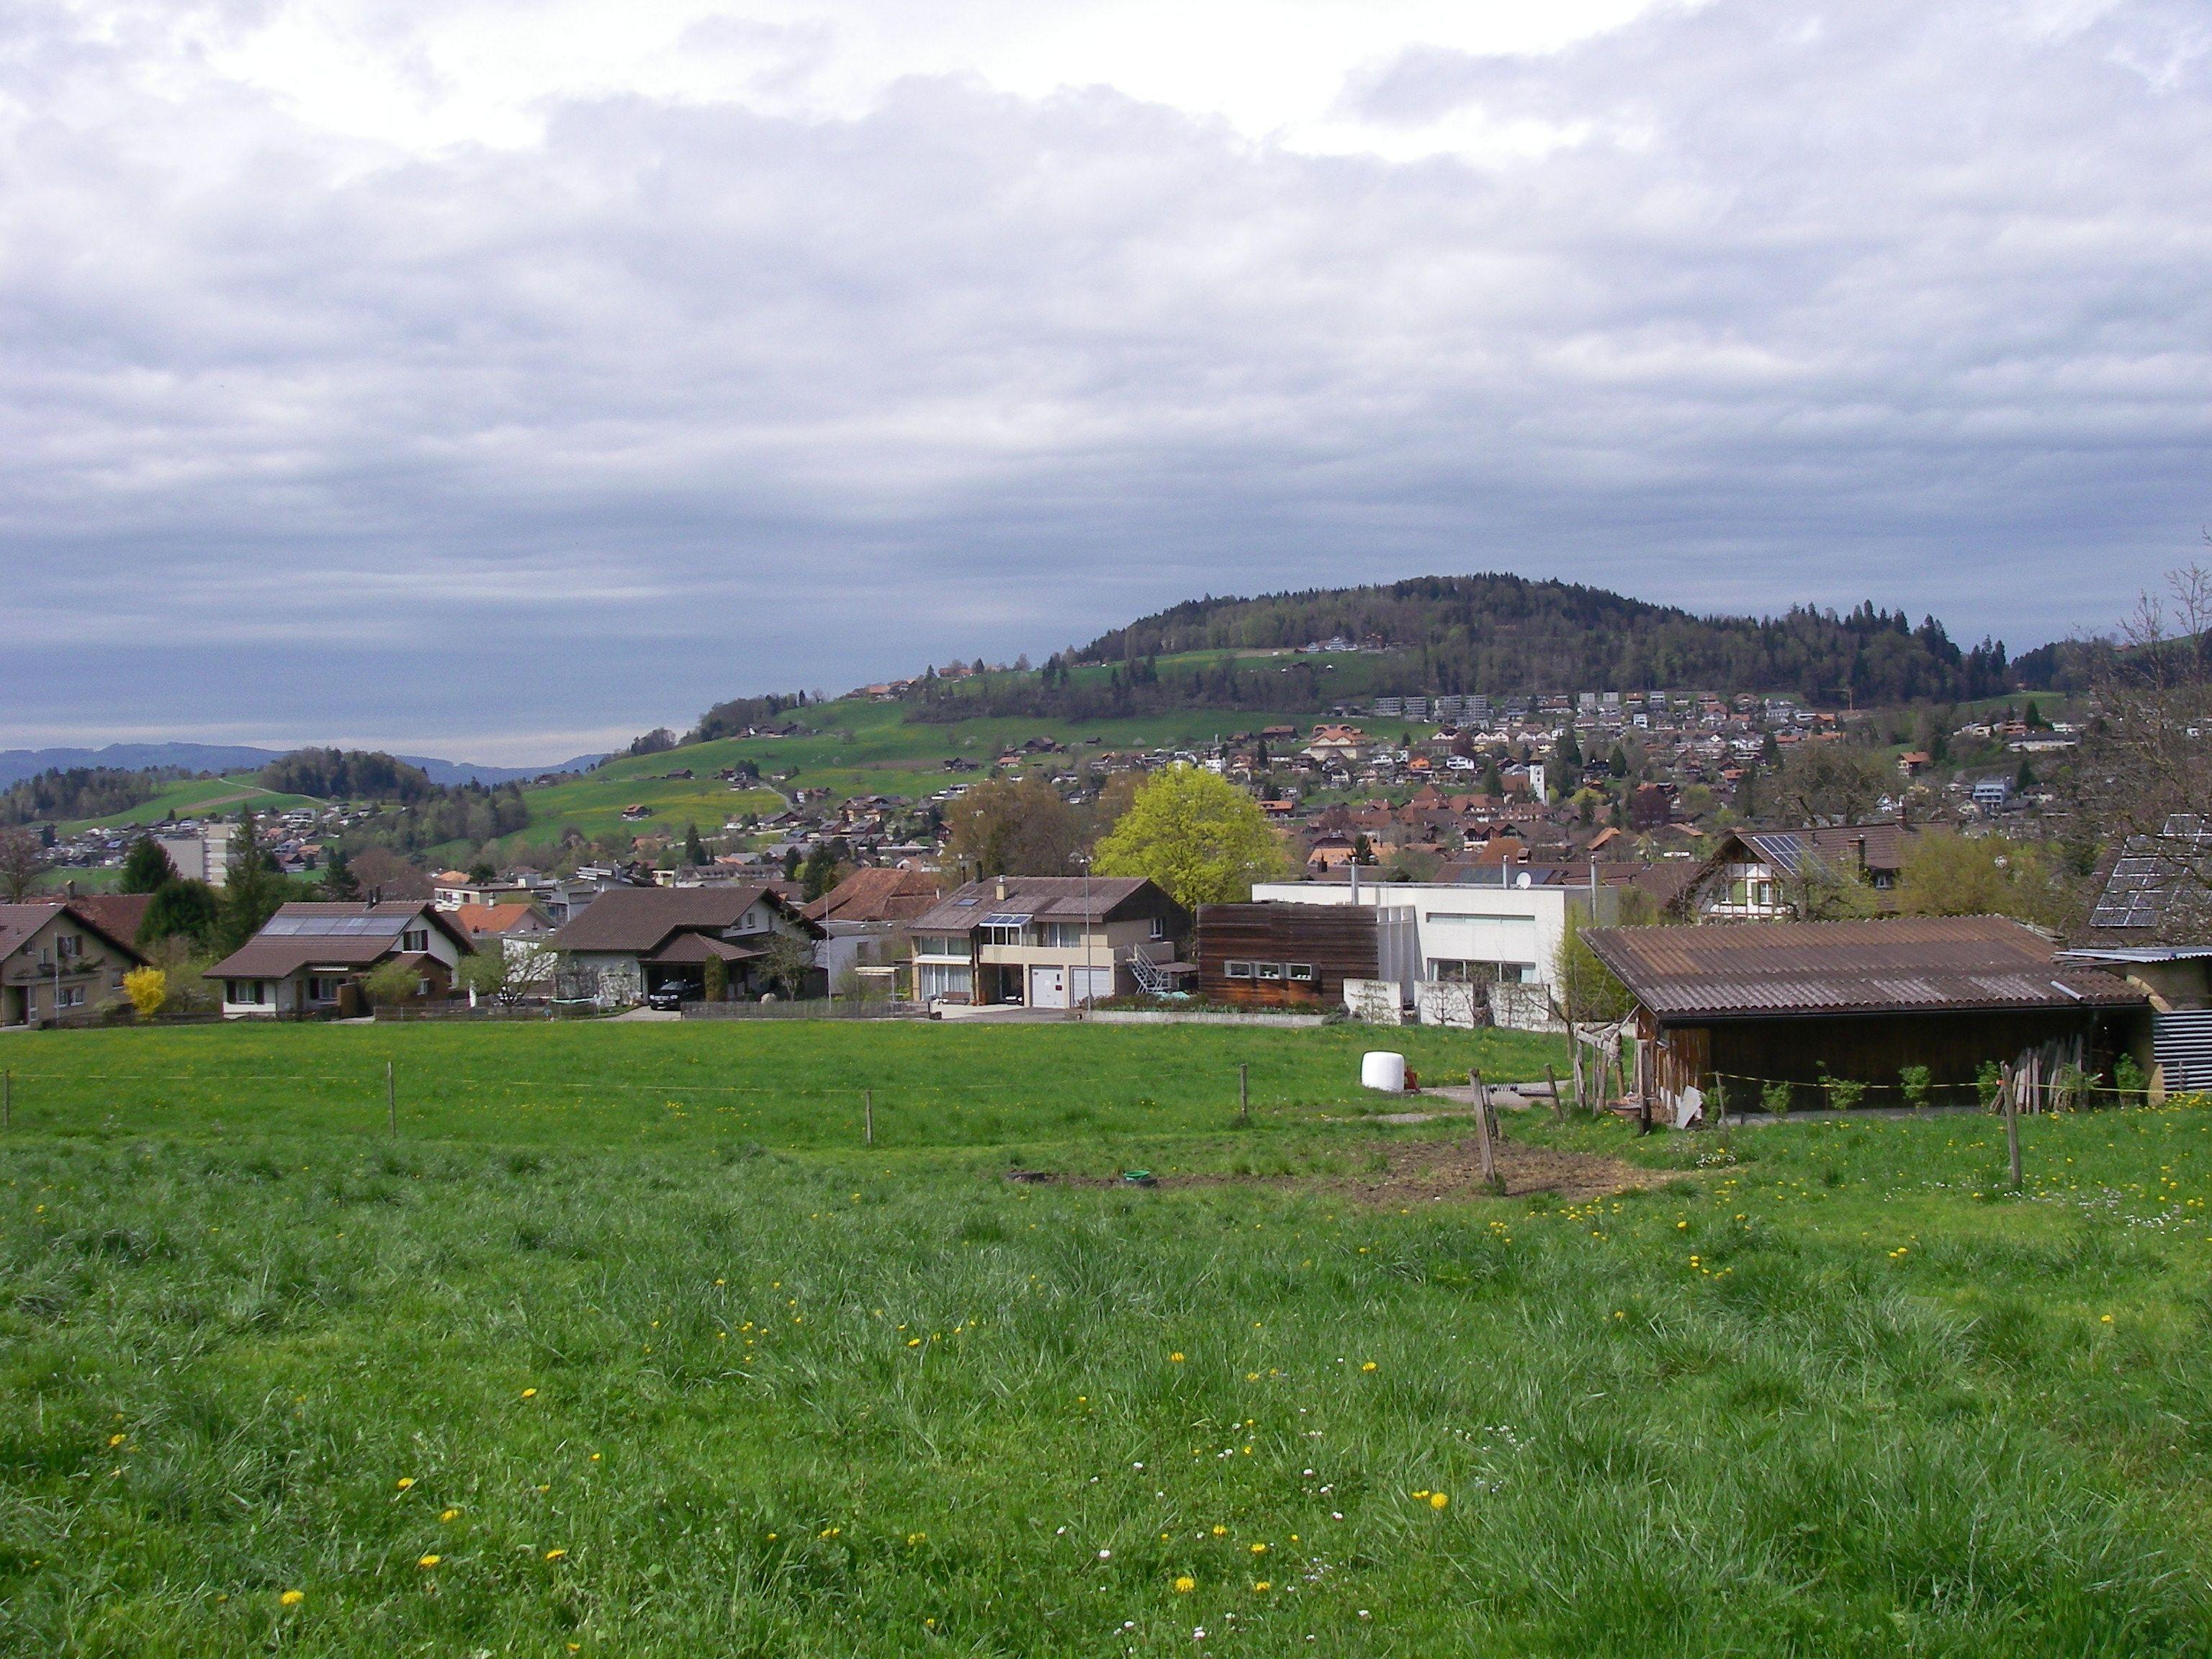 Schmutz M. R.  (11)